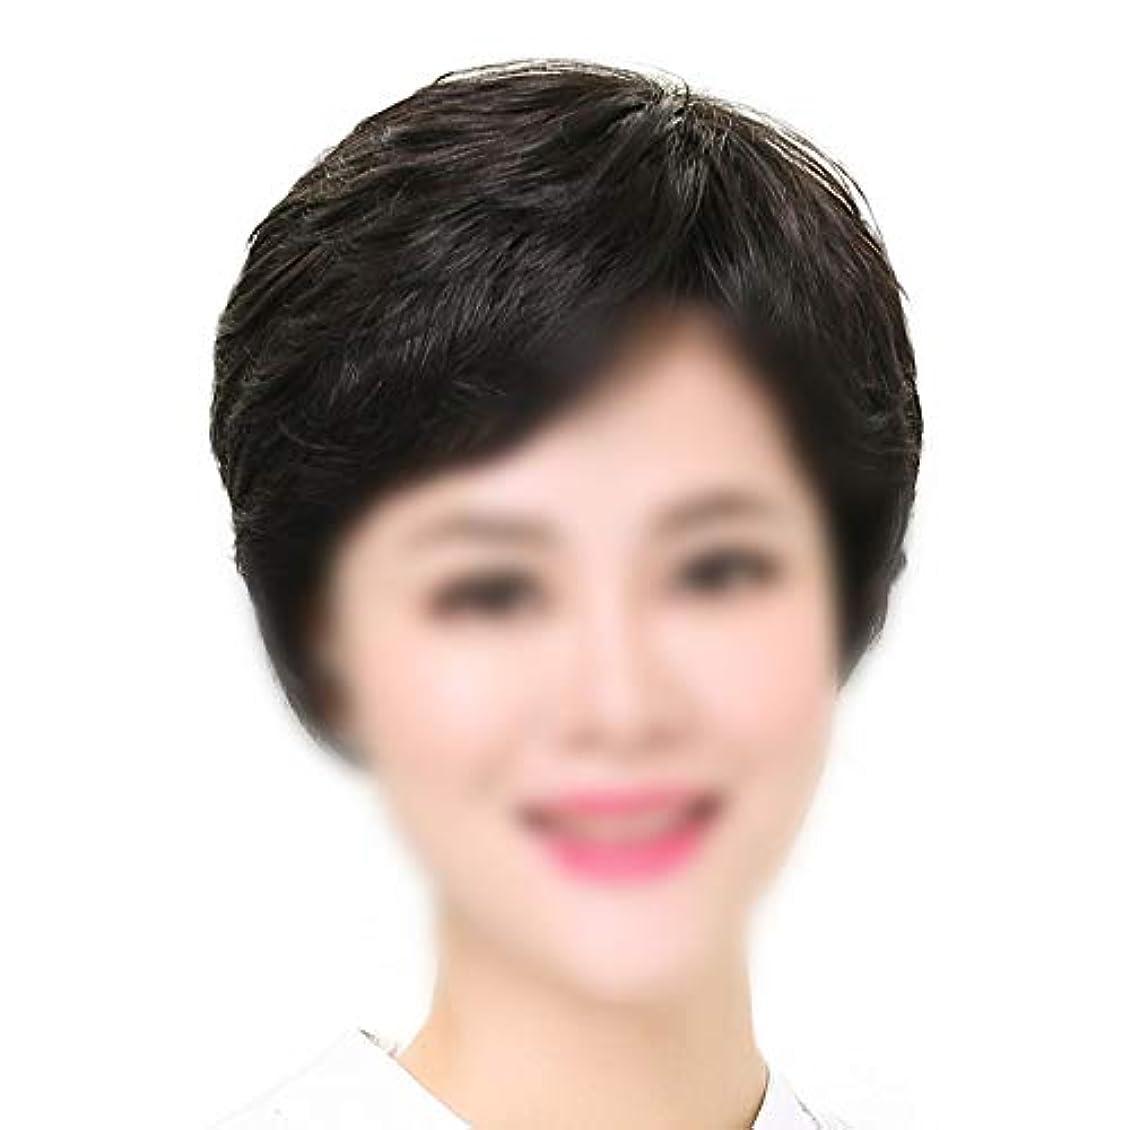 結核壊す囲いYOUQIU フル手織り女性の自然な人間の髪マイクロ波ショートヘアウィッグかつら中年 (色 : Natural black, サイズ : Hand-needle)